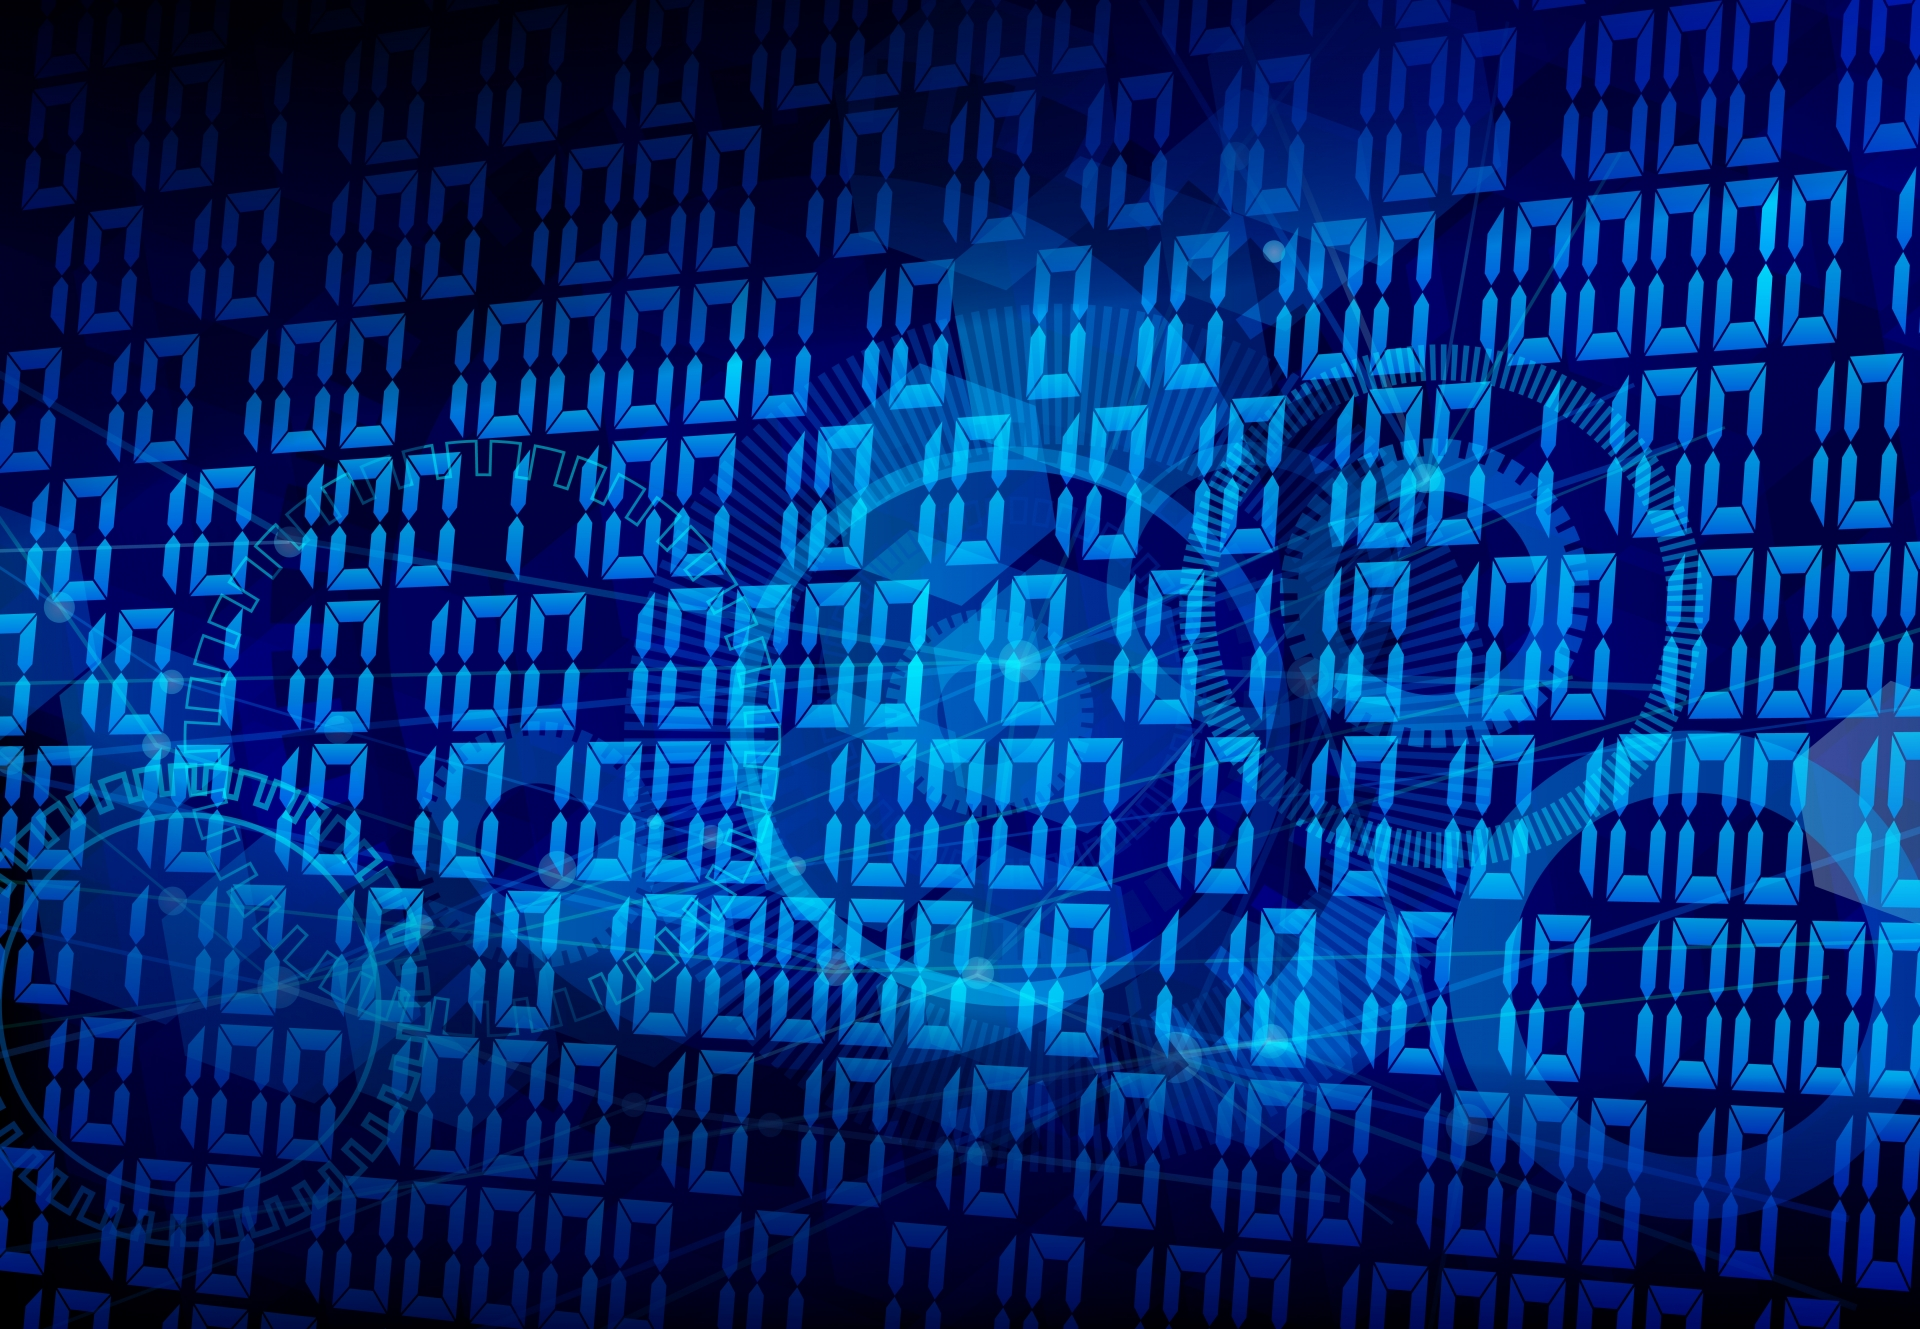 FXの「アルゴ」の意味とは?アルゴリズム取引をするためのポイント。